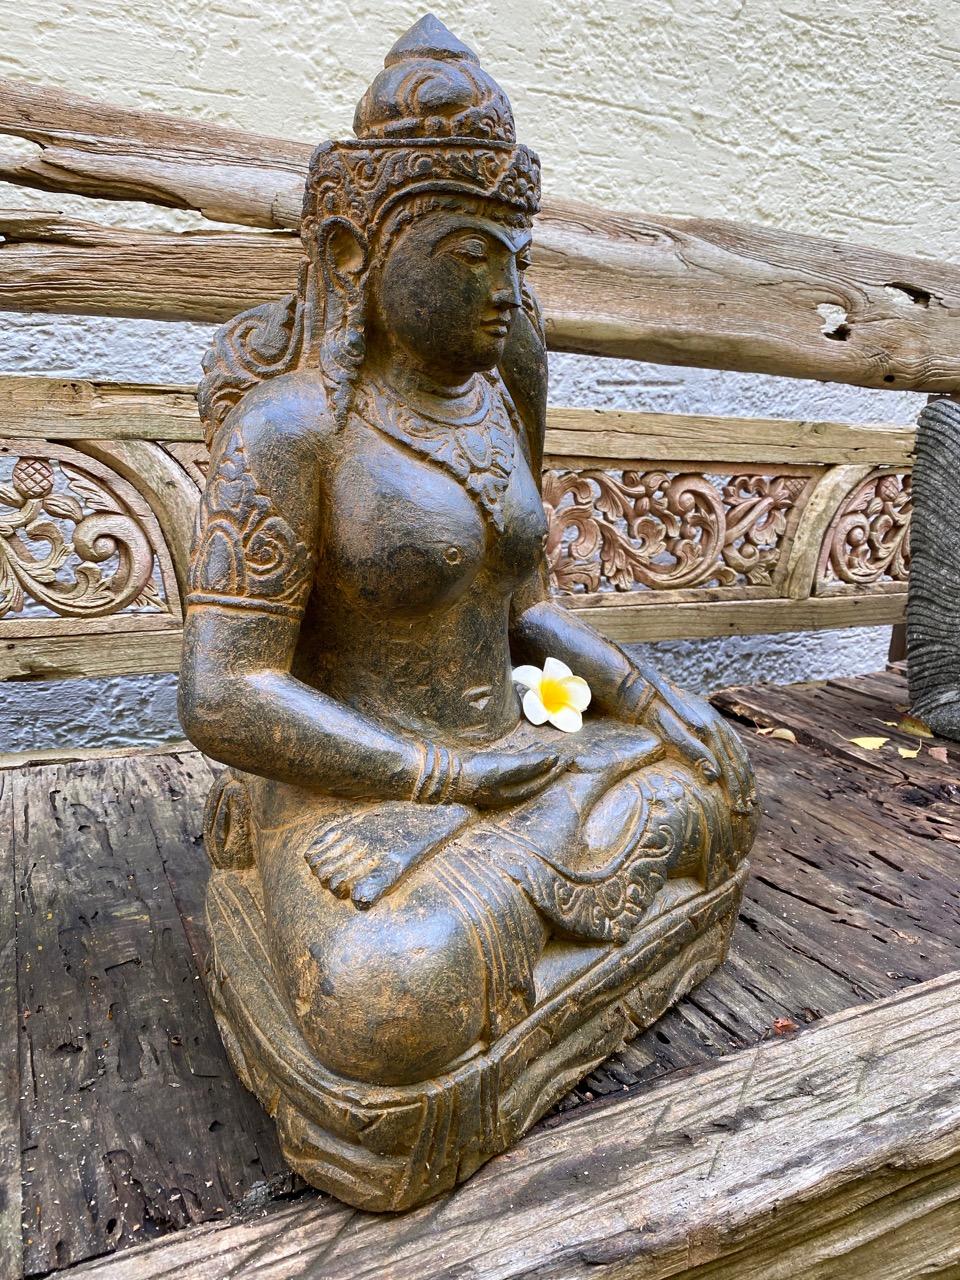 Göttin der Fruchtbarkeit mit Antikfinish 65 cm